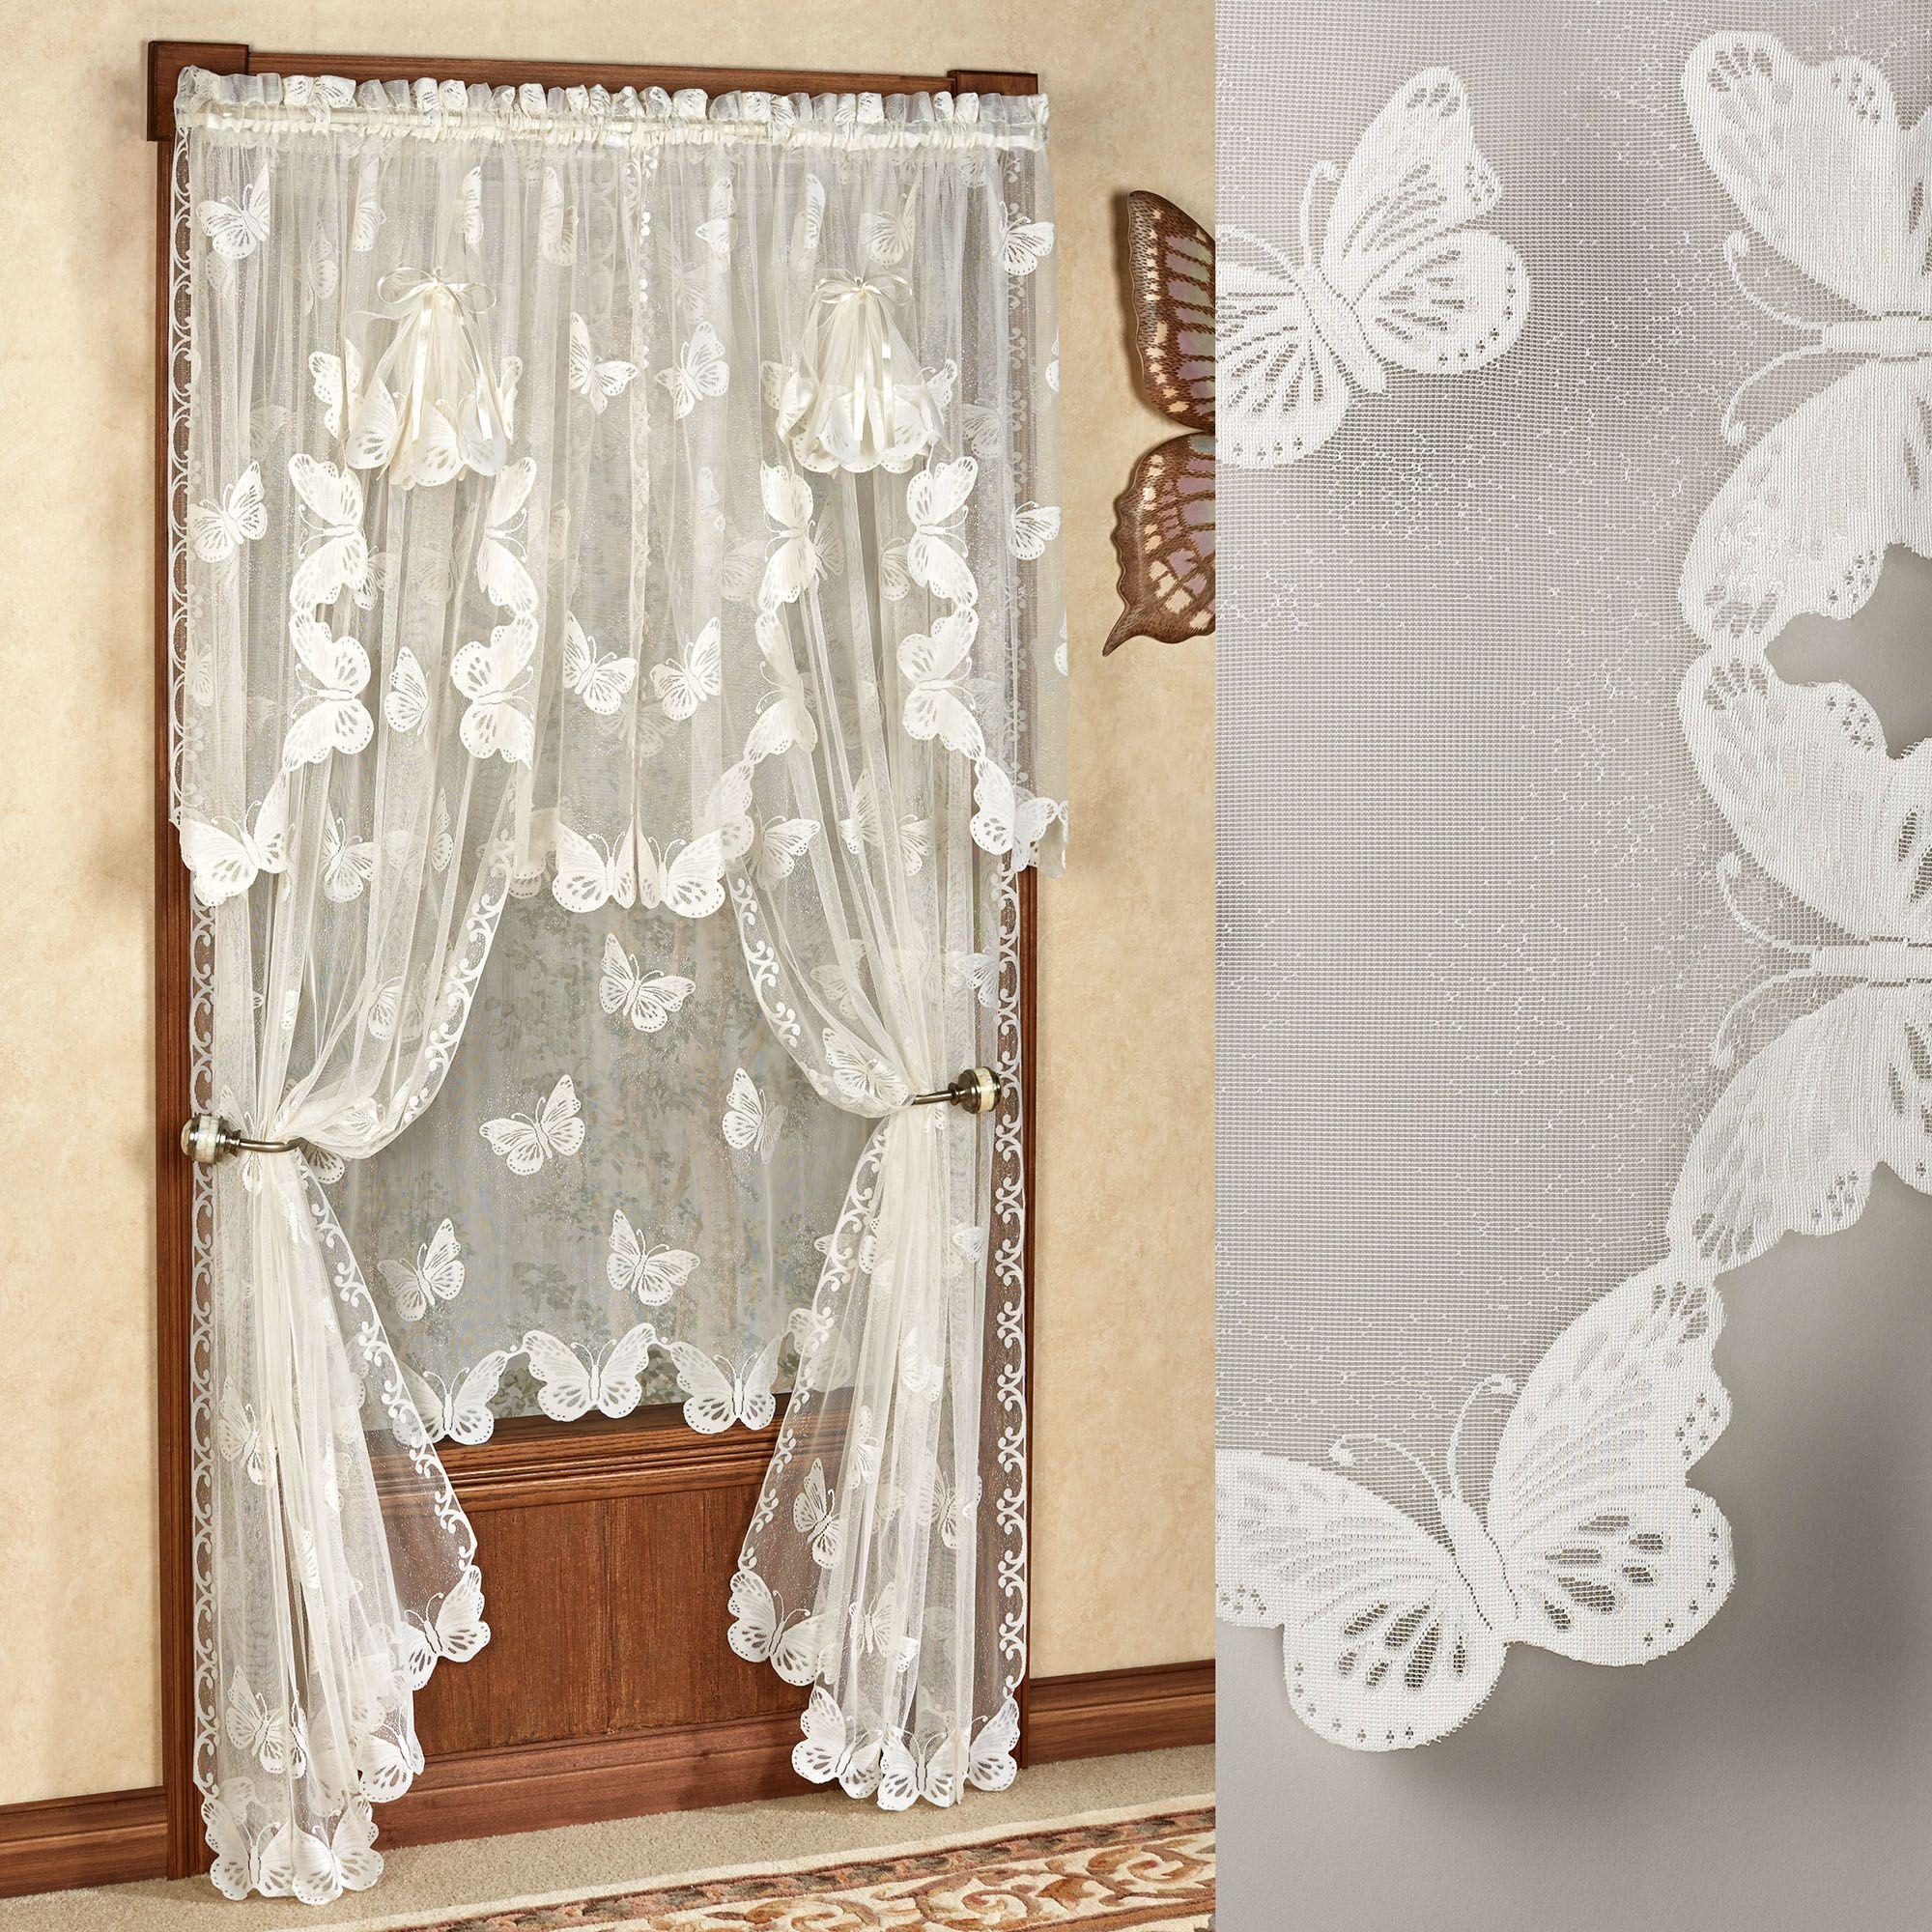 Butterflies Lace Window Treatments